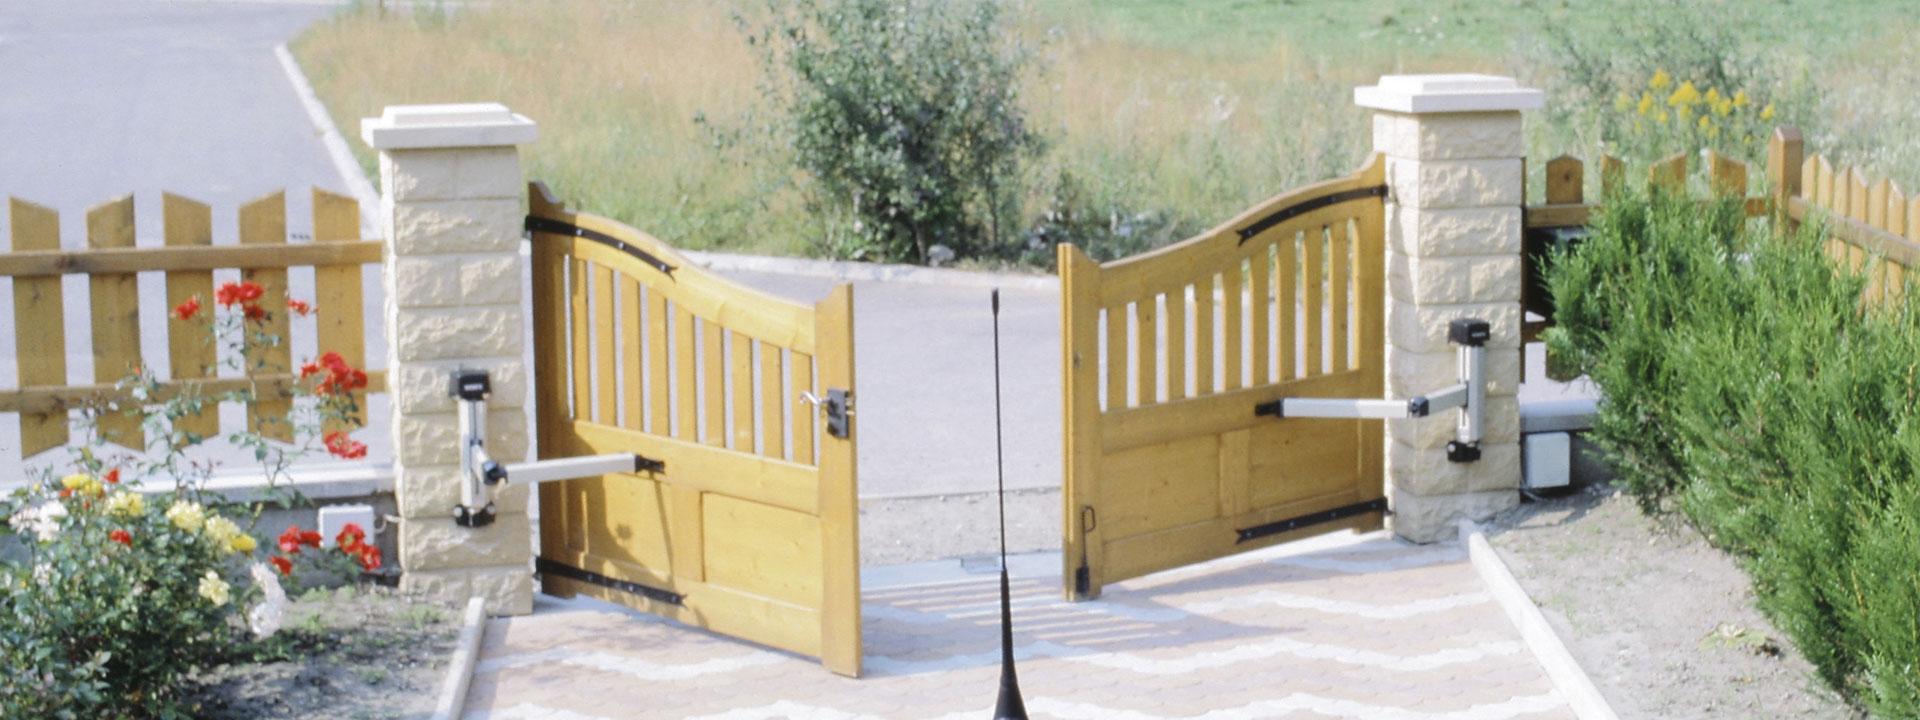 Automatisme de portail